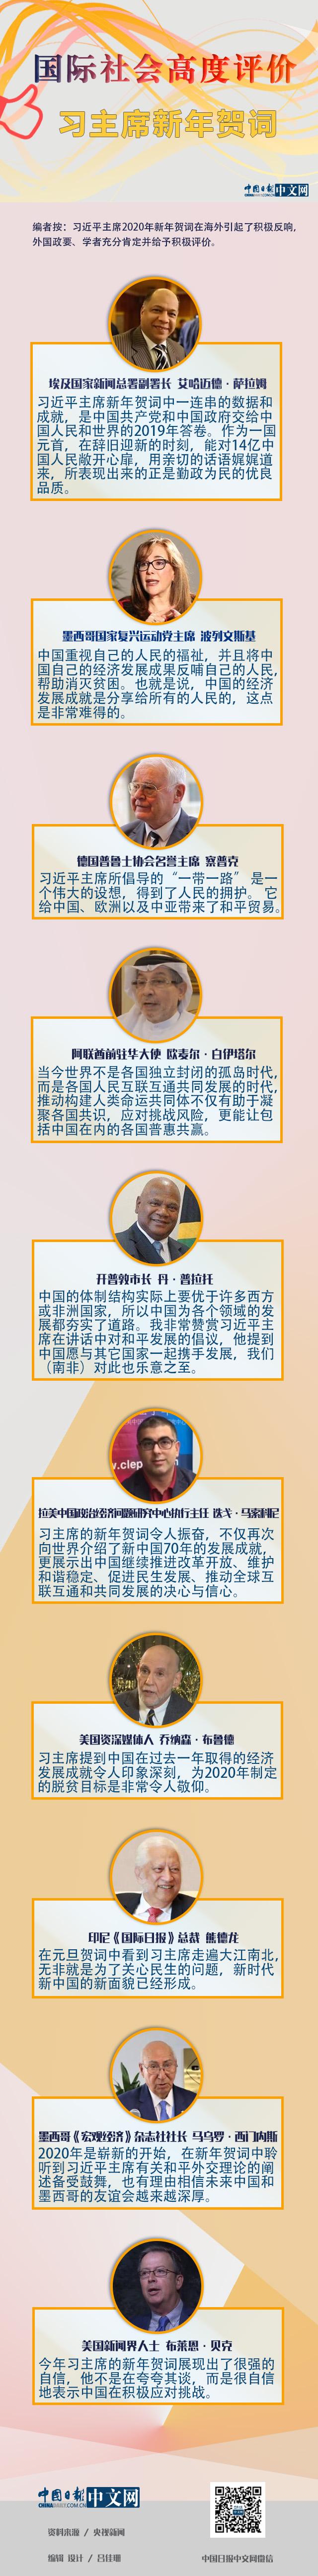 圖解 | 國際社會高度評價習主席新年賀詞